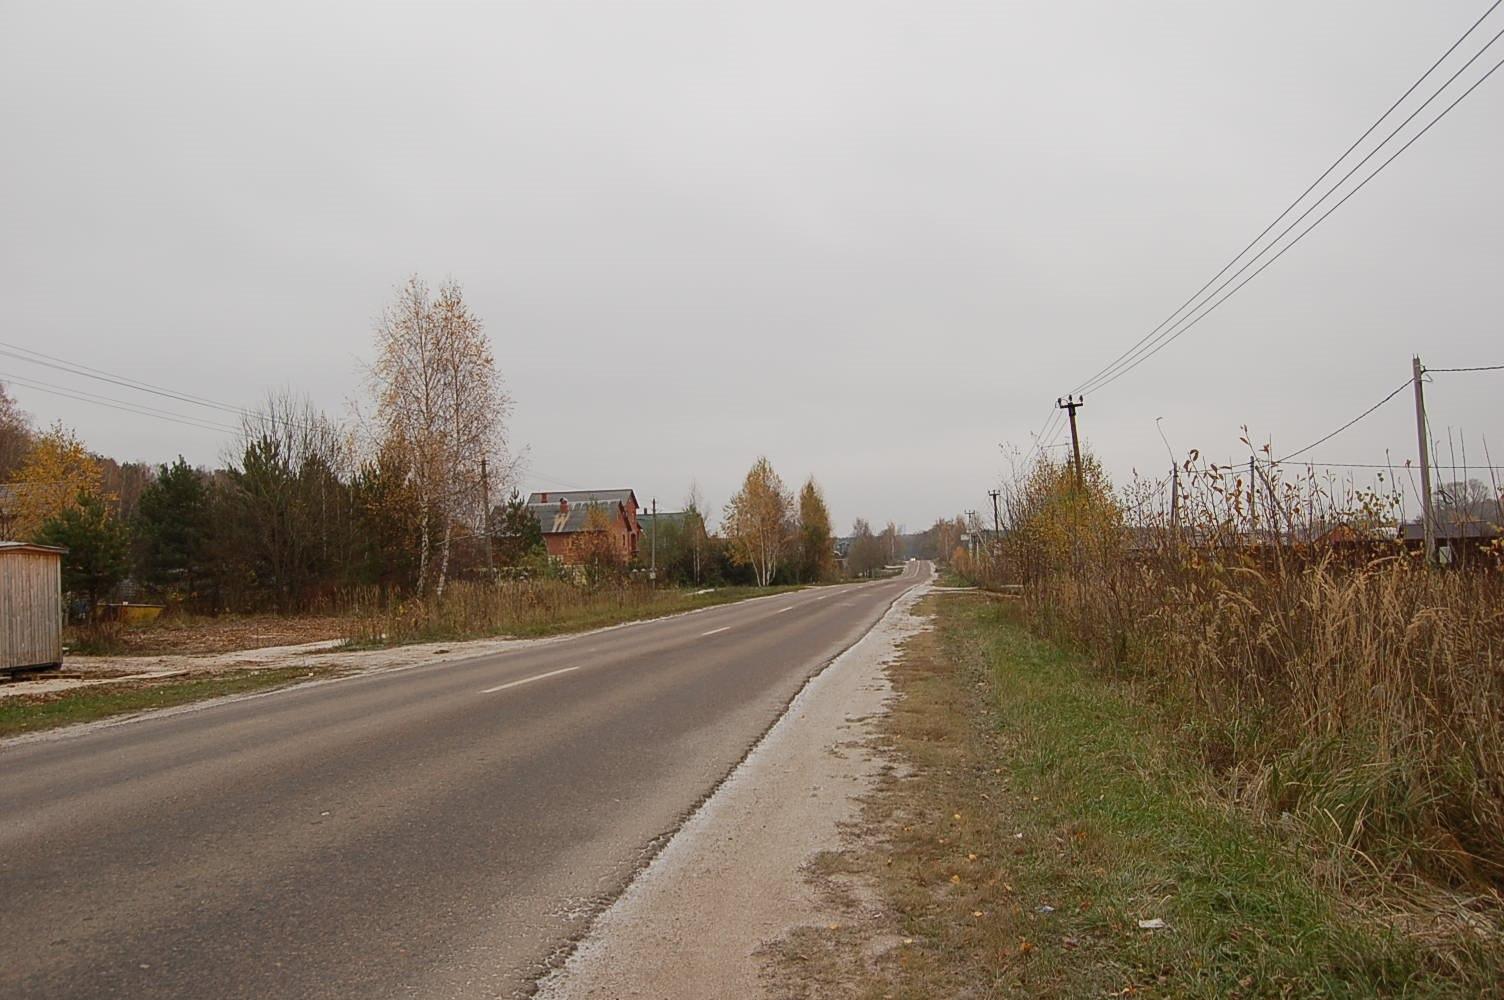 Продажа земельного участка Московская область, Серпуховский р-н, д. Судимля, фото 1